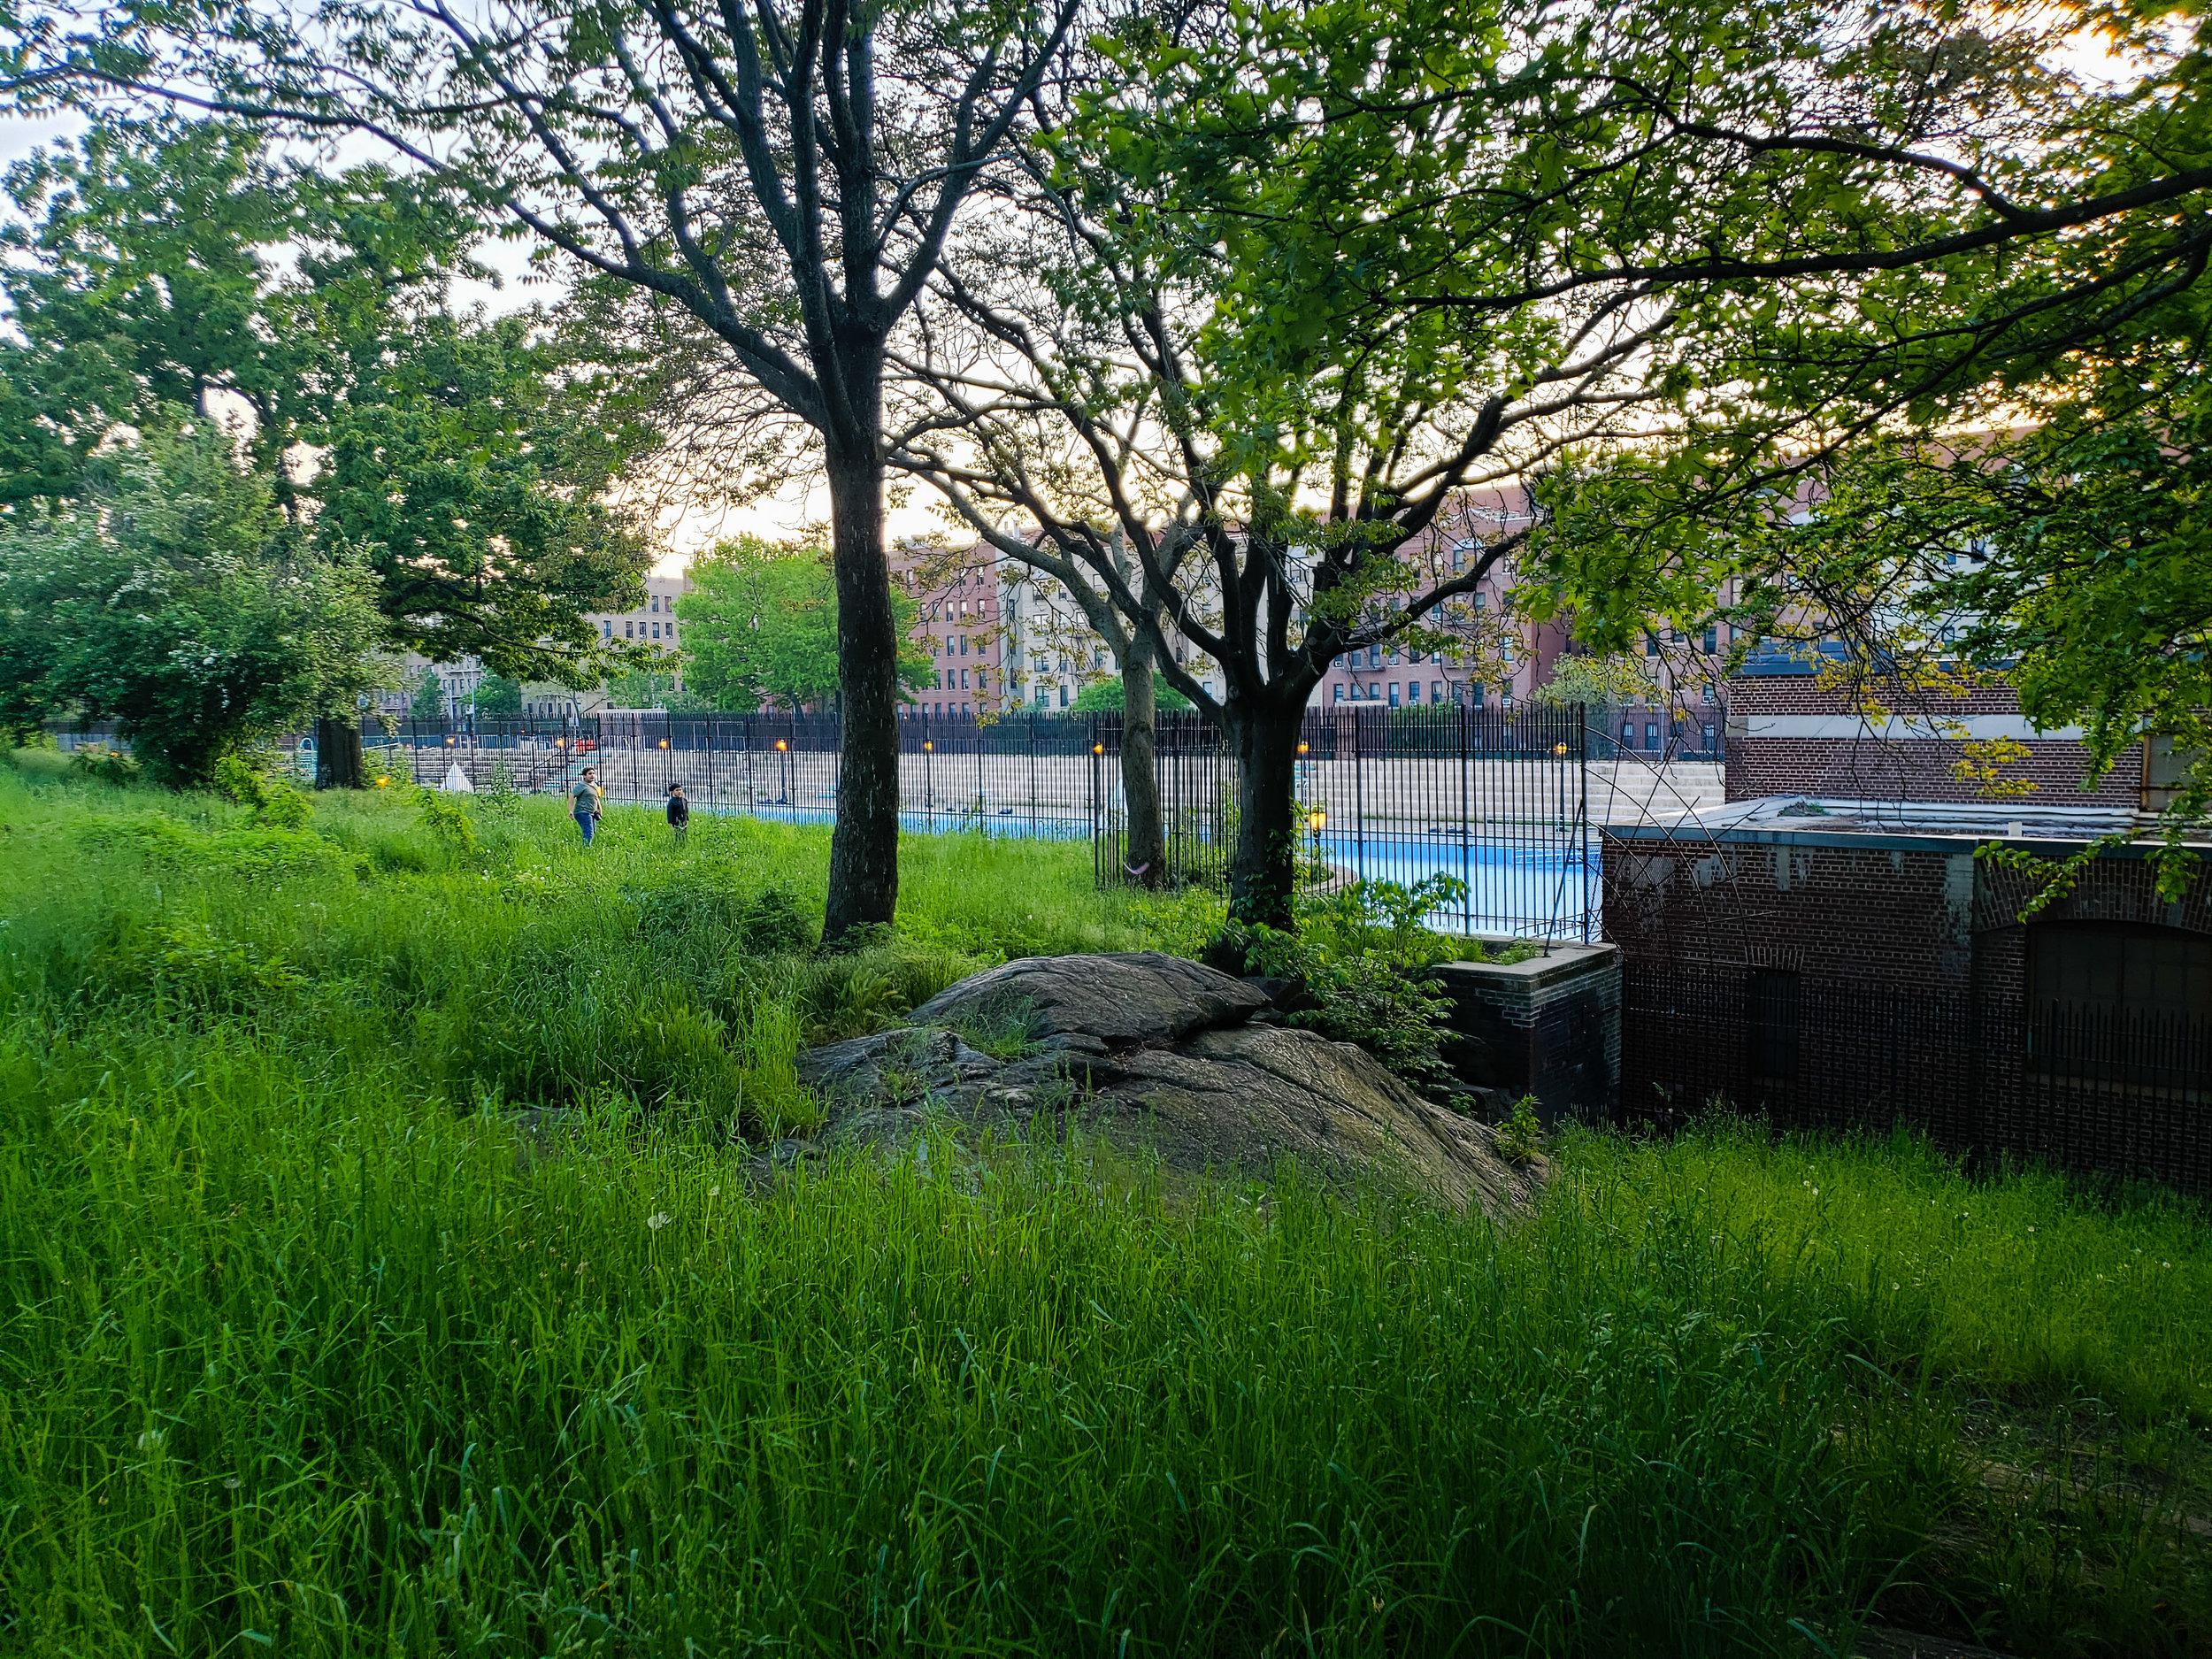 Crotona Park, Bronx - Between 1720 Fulton Avenue & 1700 Crotona Avenue Bronx, NY 10457Directions